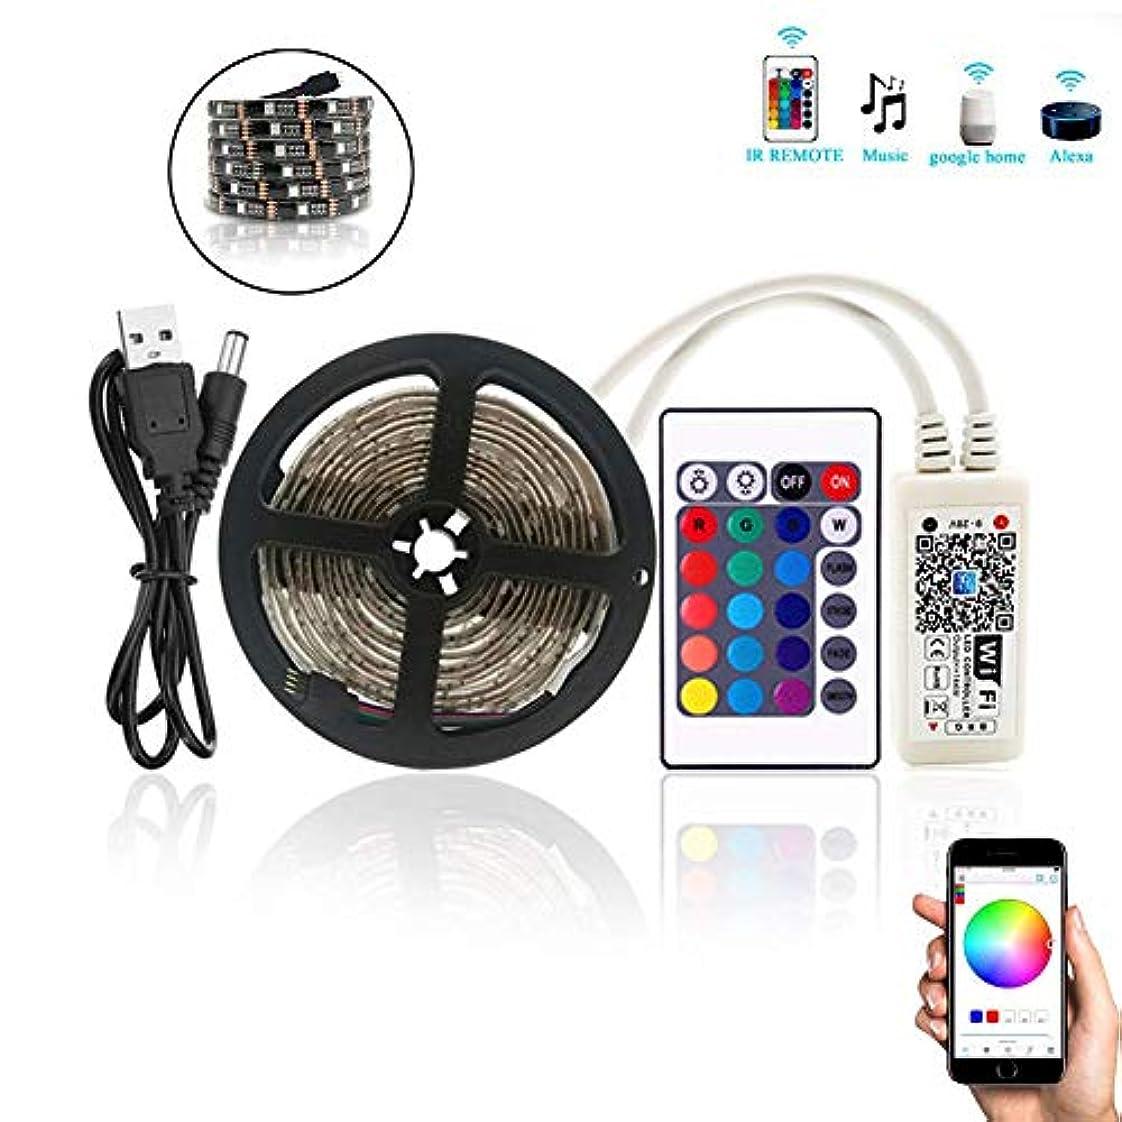 回路明らかにする妖精PCB TVバックライトキット、LEDストリップライト、フレキシブルテープライトキット、WiFi TVバックライトLEDライトバー24キー赤外線リモコン2M USB 5V,黒